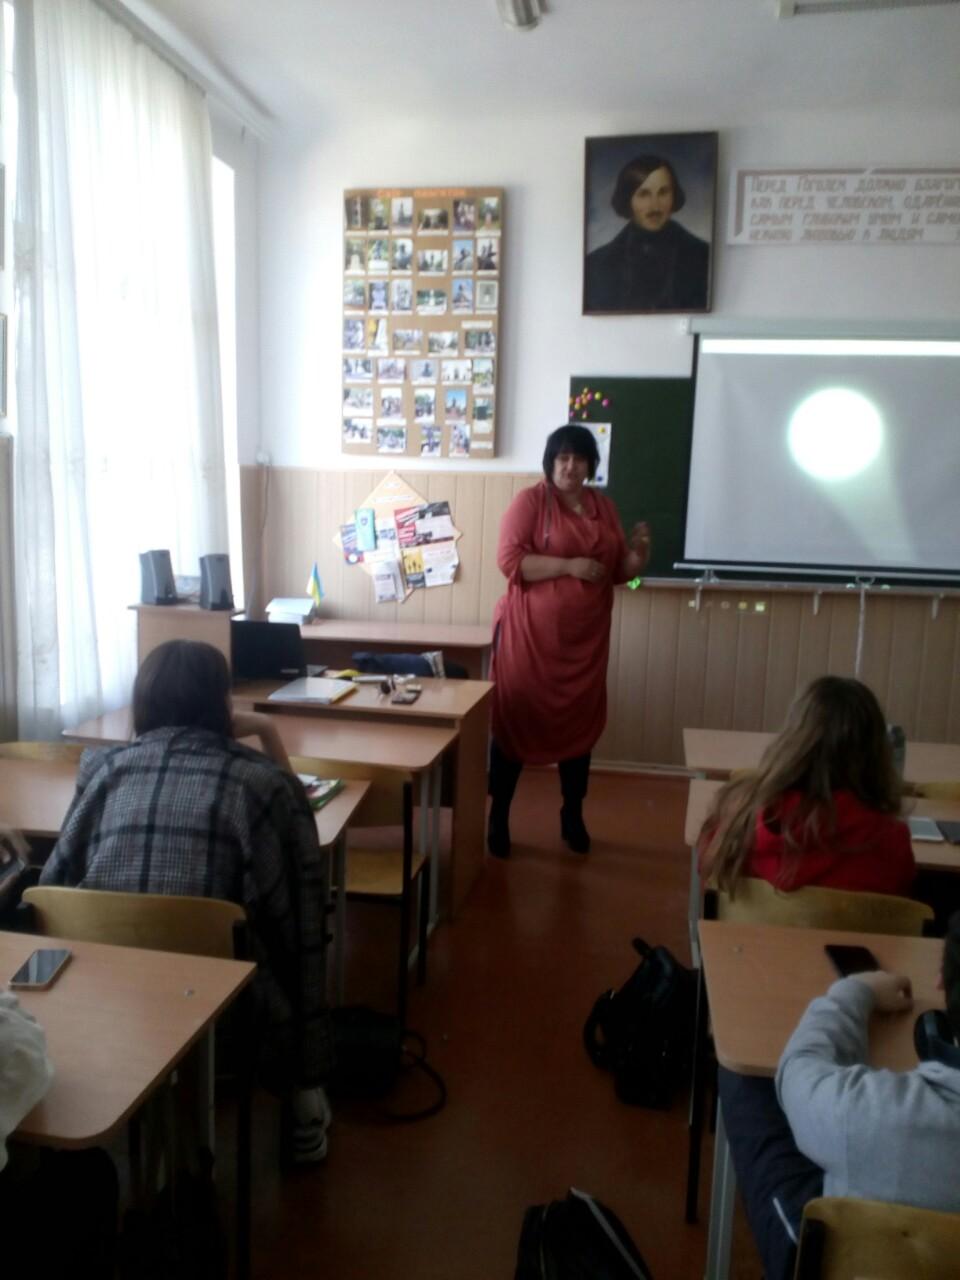 Полтавським школярам розповіли про права людини та спілкування з поліцією